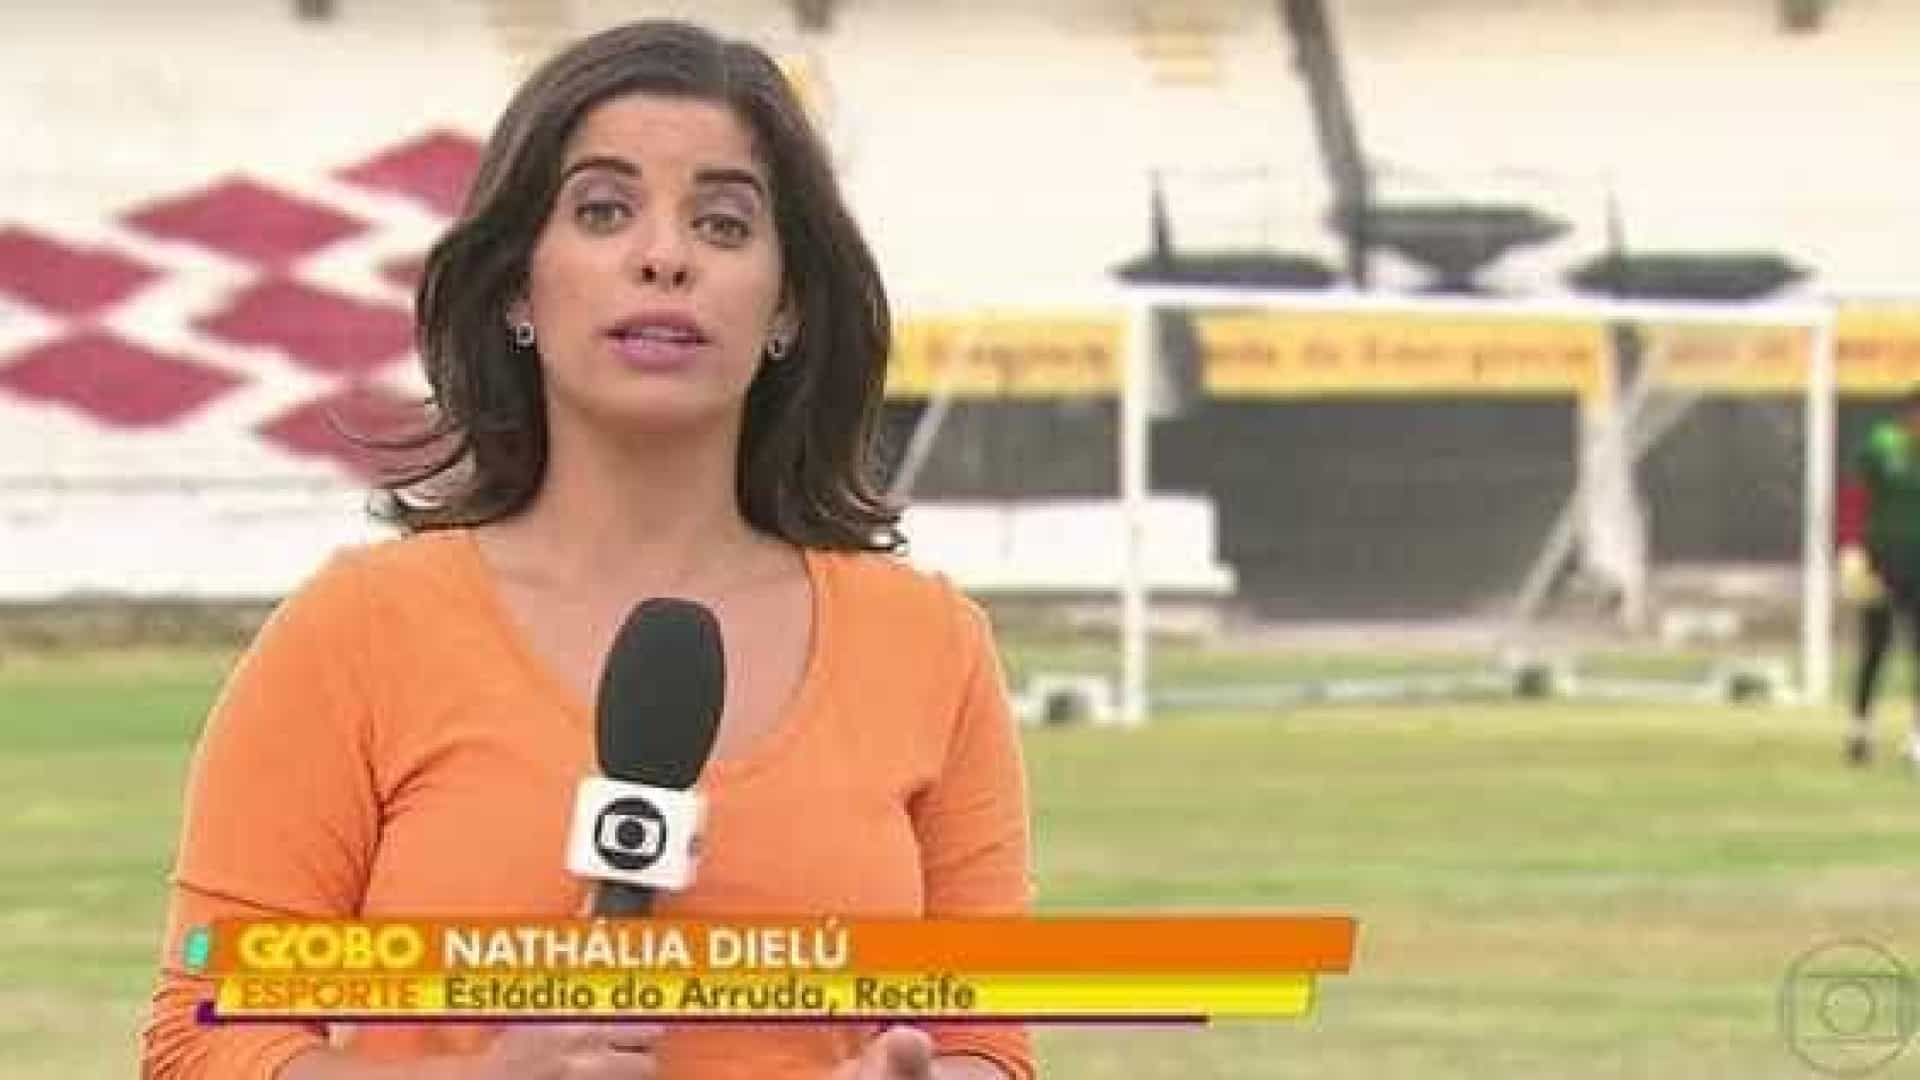 Repórter da Globo é assaltada no Recife: 'Deus me guardou'